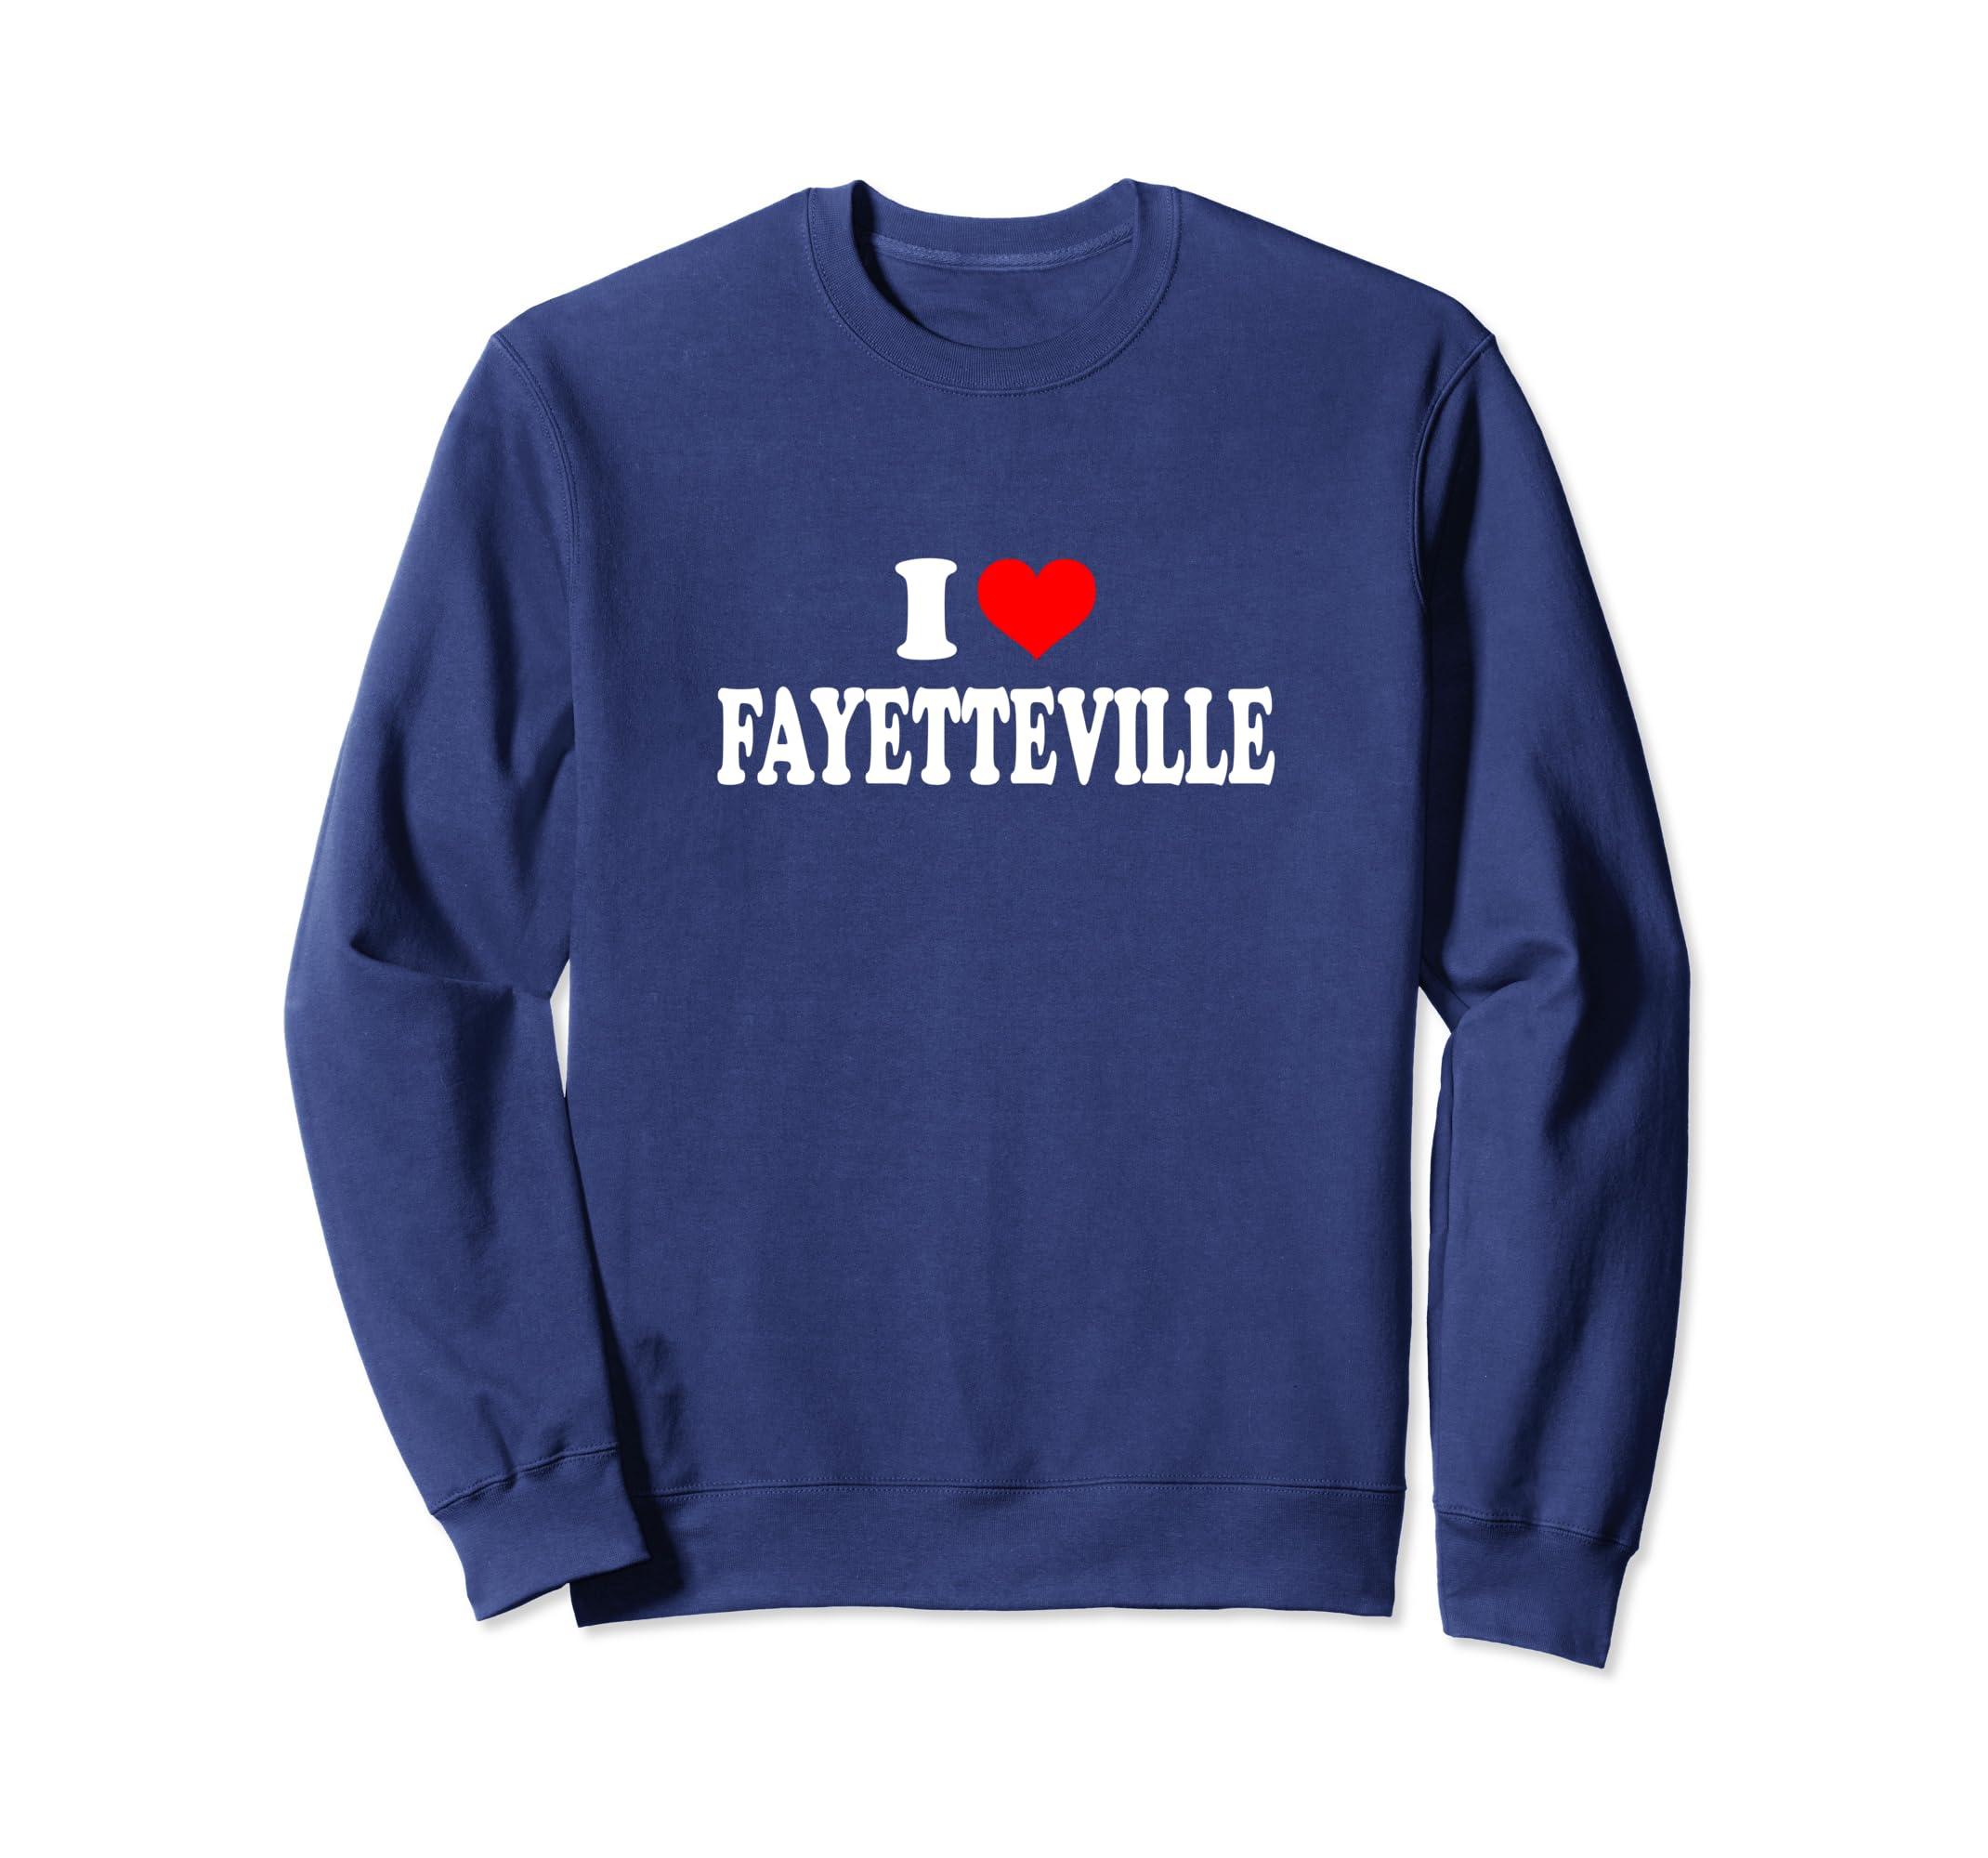 Amazon com: I Love Fayetteville Sweatshirt: Clothing